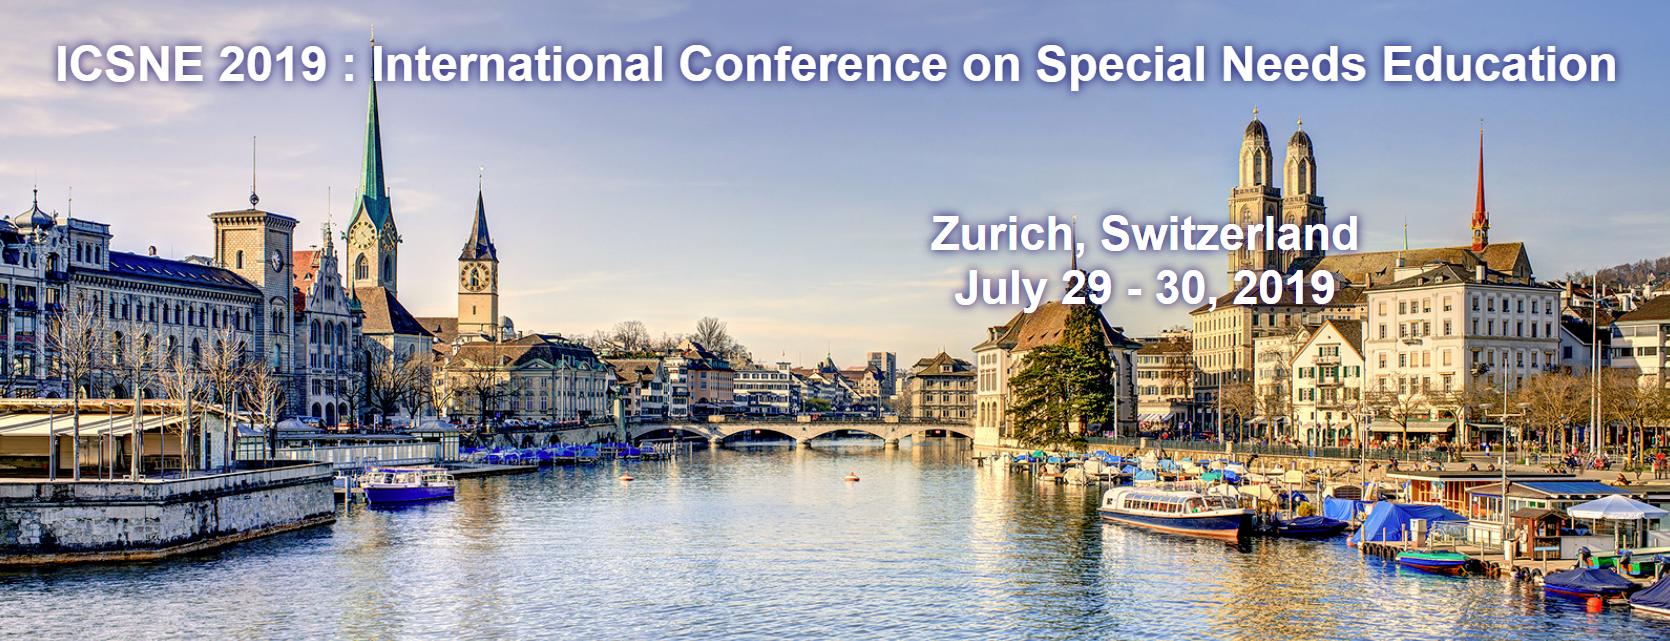 Doc. dr Ivana Ristić će učestvovati na međunarodnoj naučnoj konferenciji ICSNE 2019: 21st International Conference on Special Needs Education,